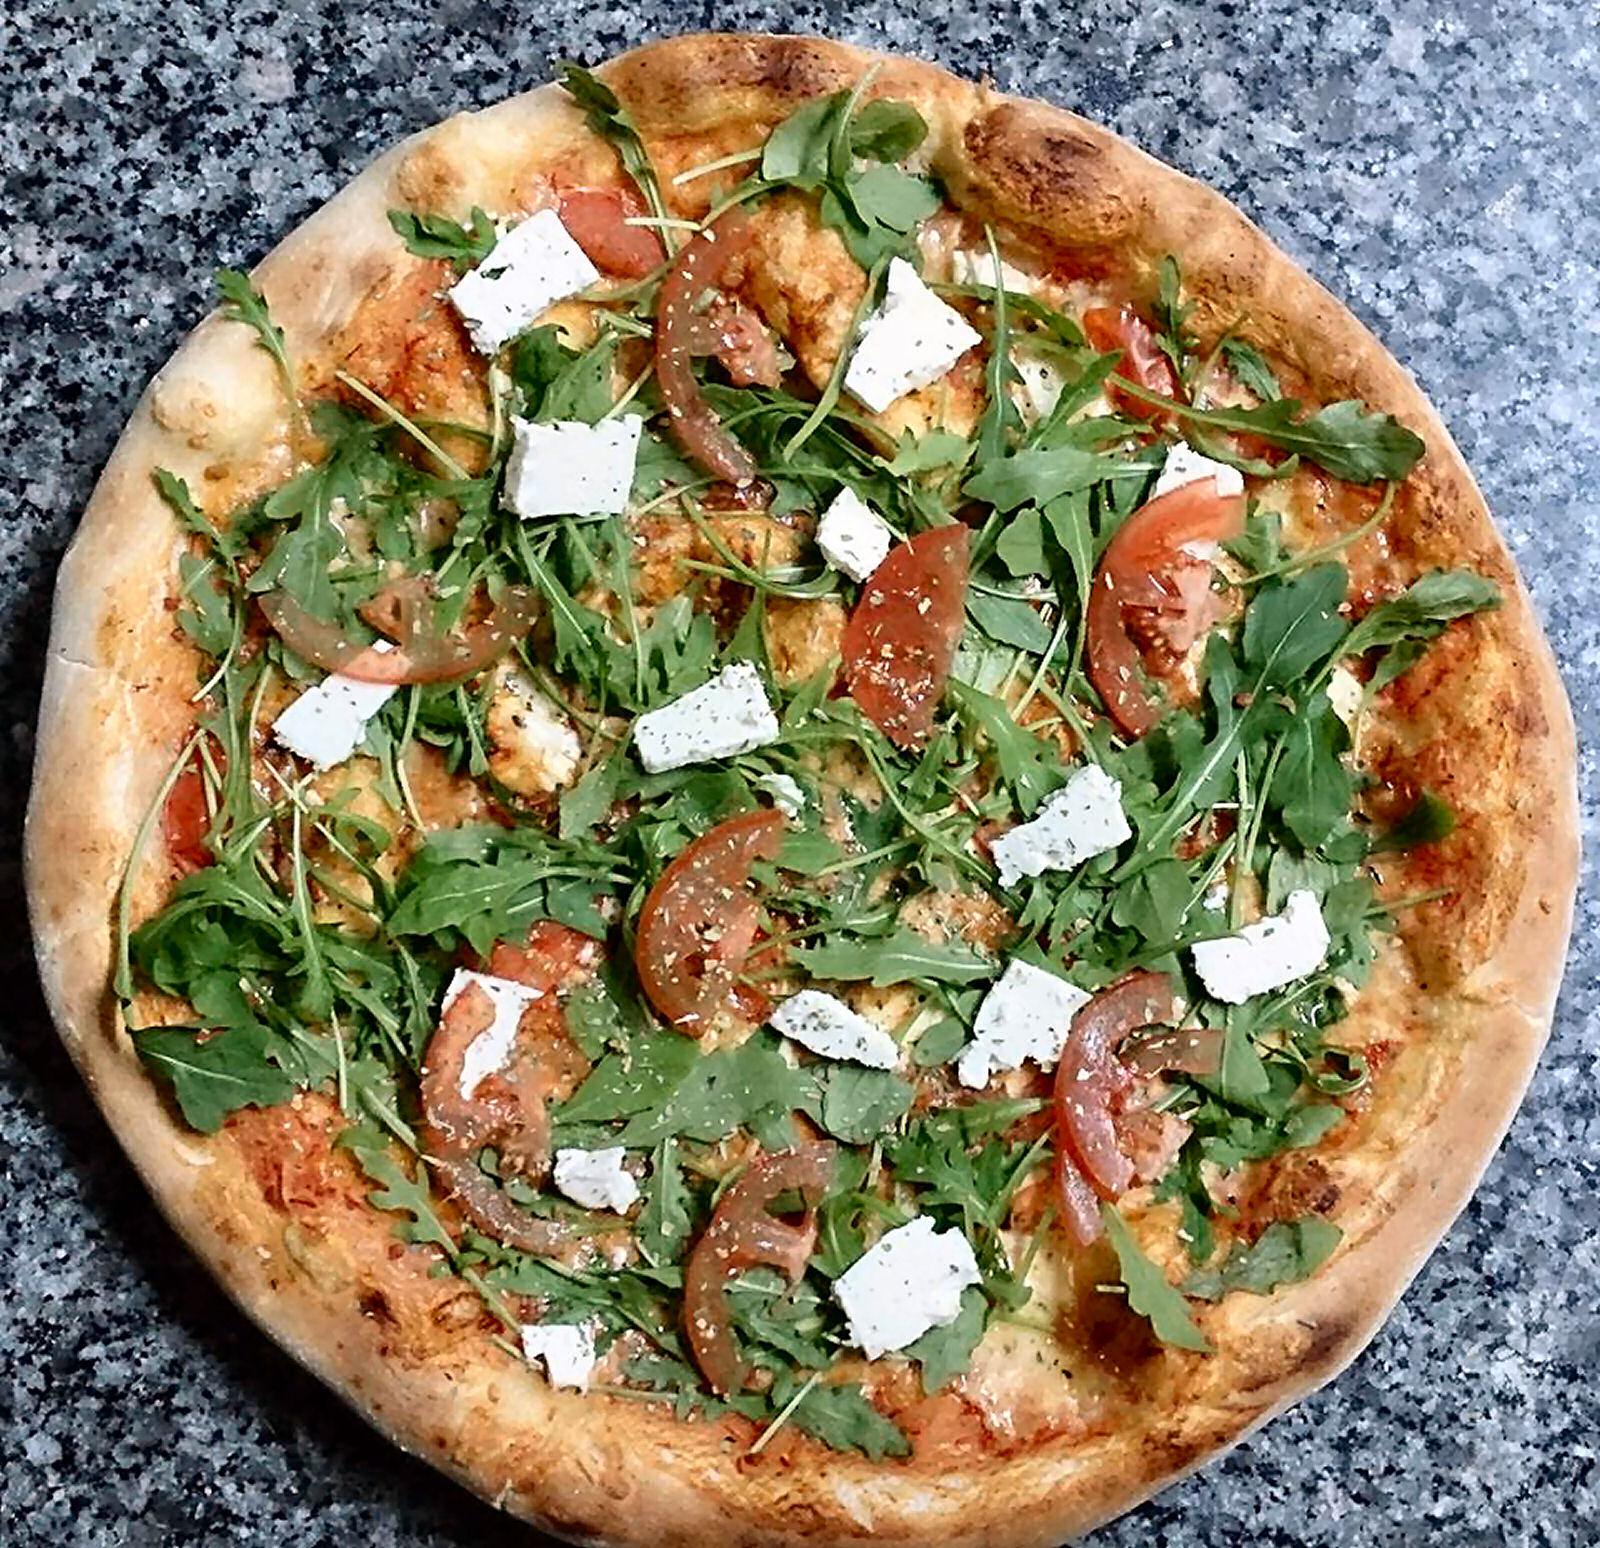 pizzeria-ledina-pizza-02